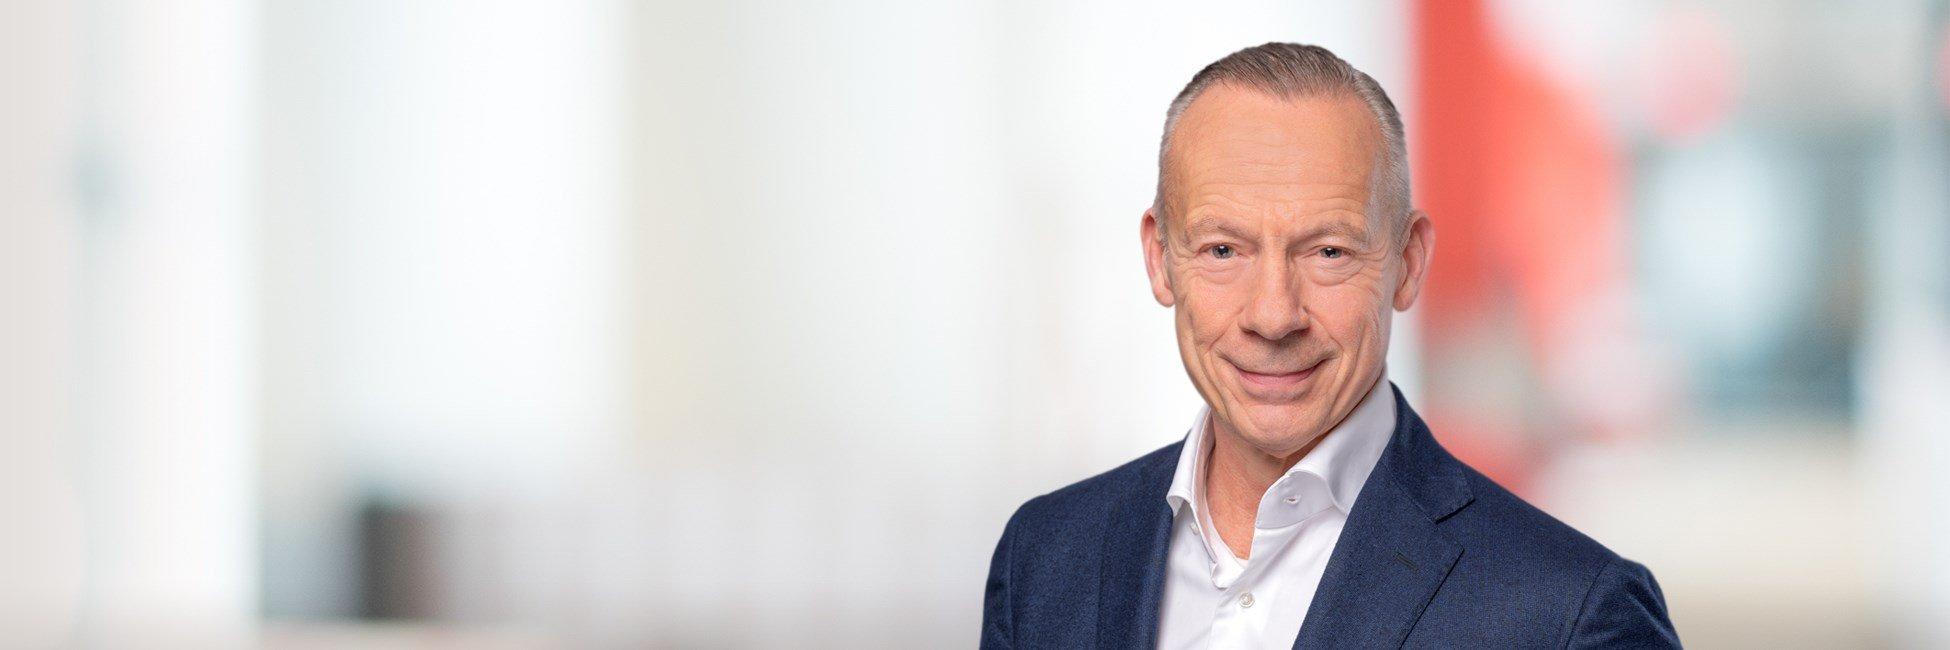 Walter Sinn - Unser Team - Bain & Company